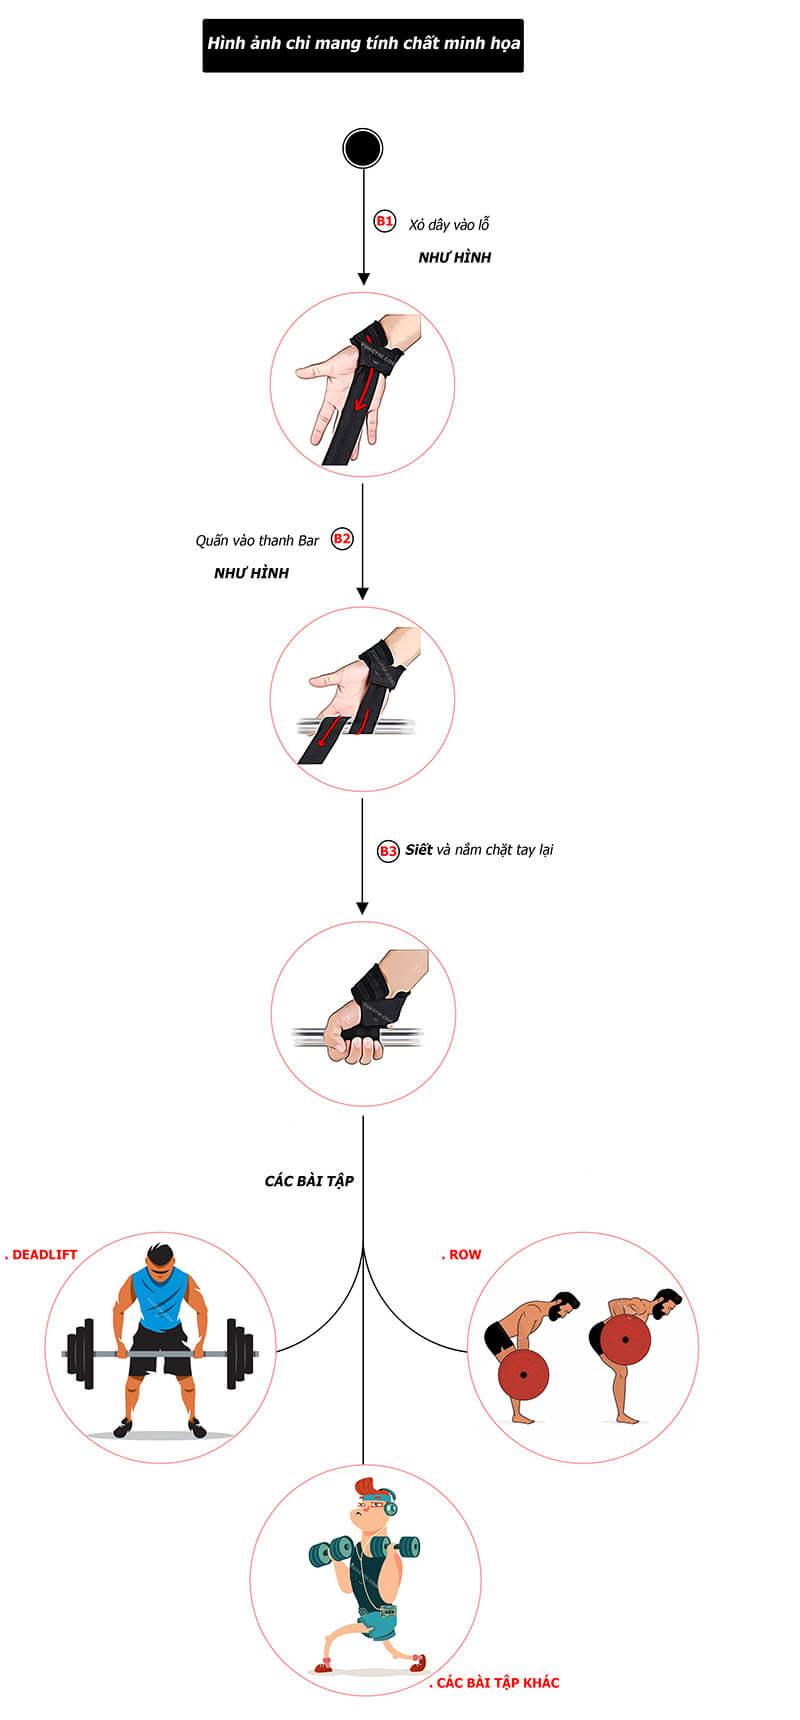 Hướng dẫn sử dụng: Kéo Lưng